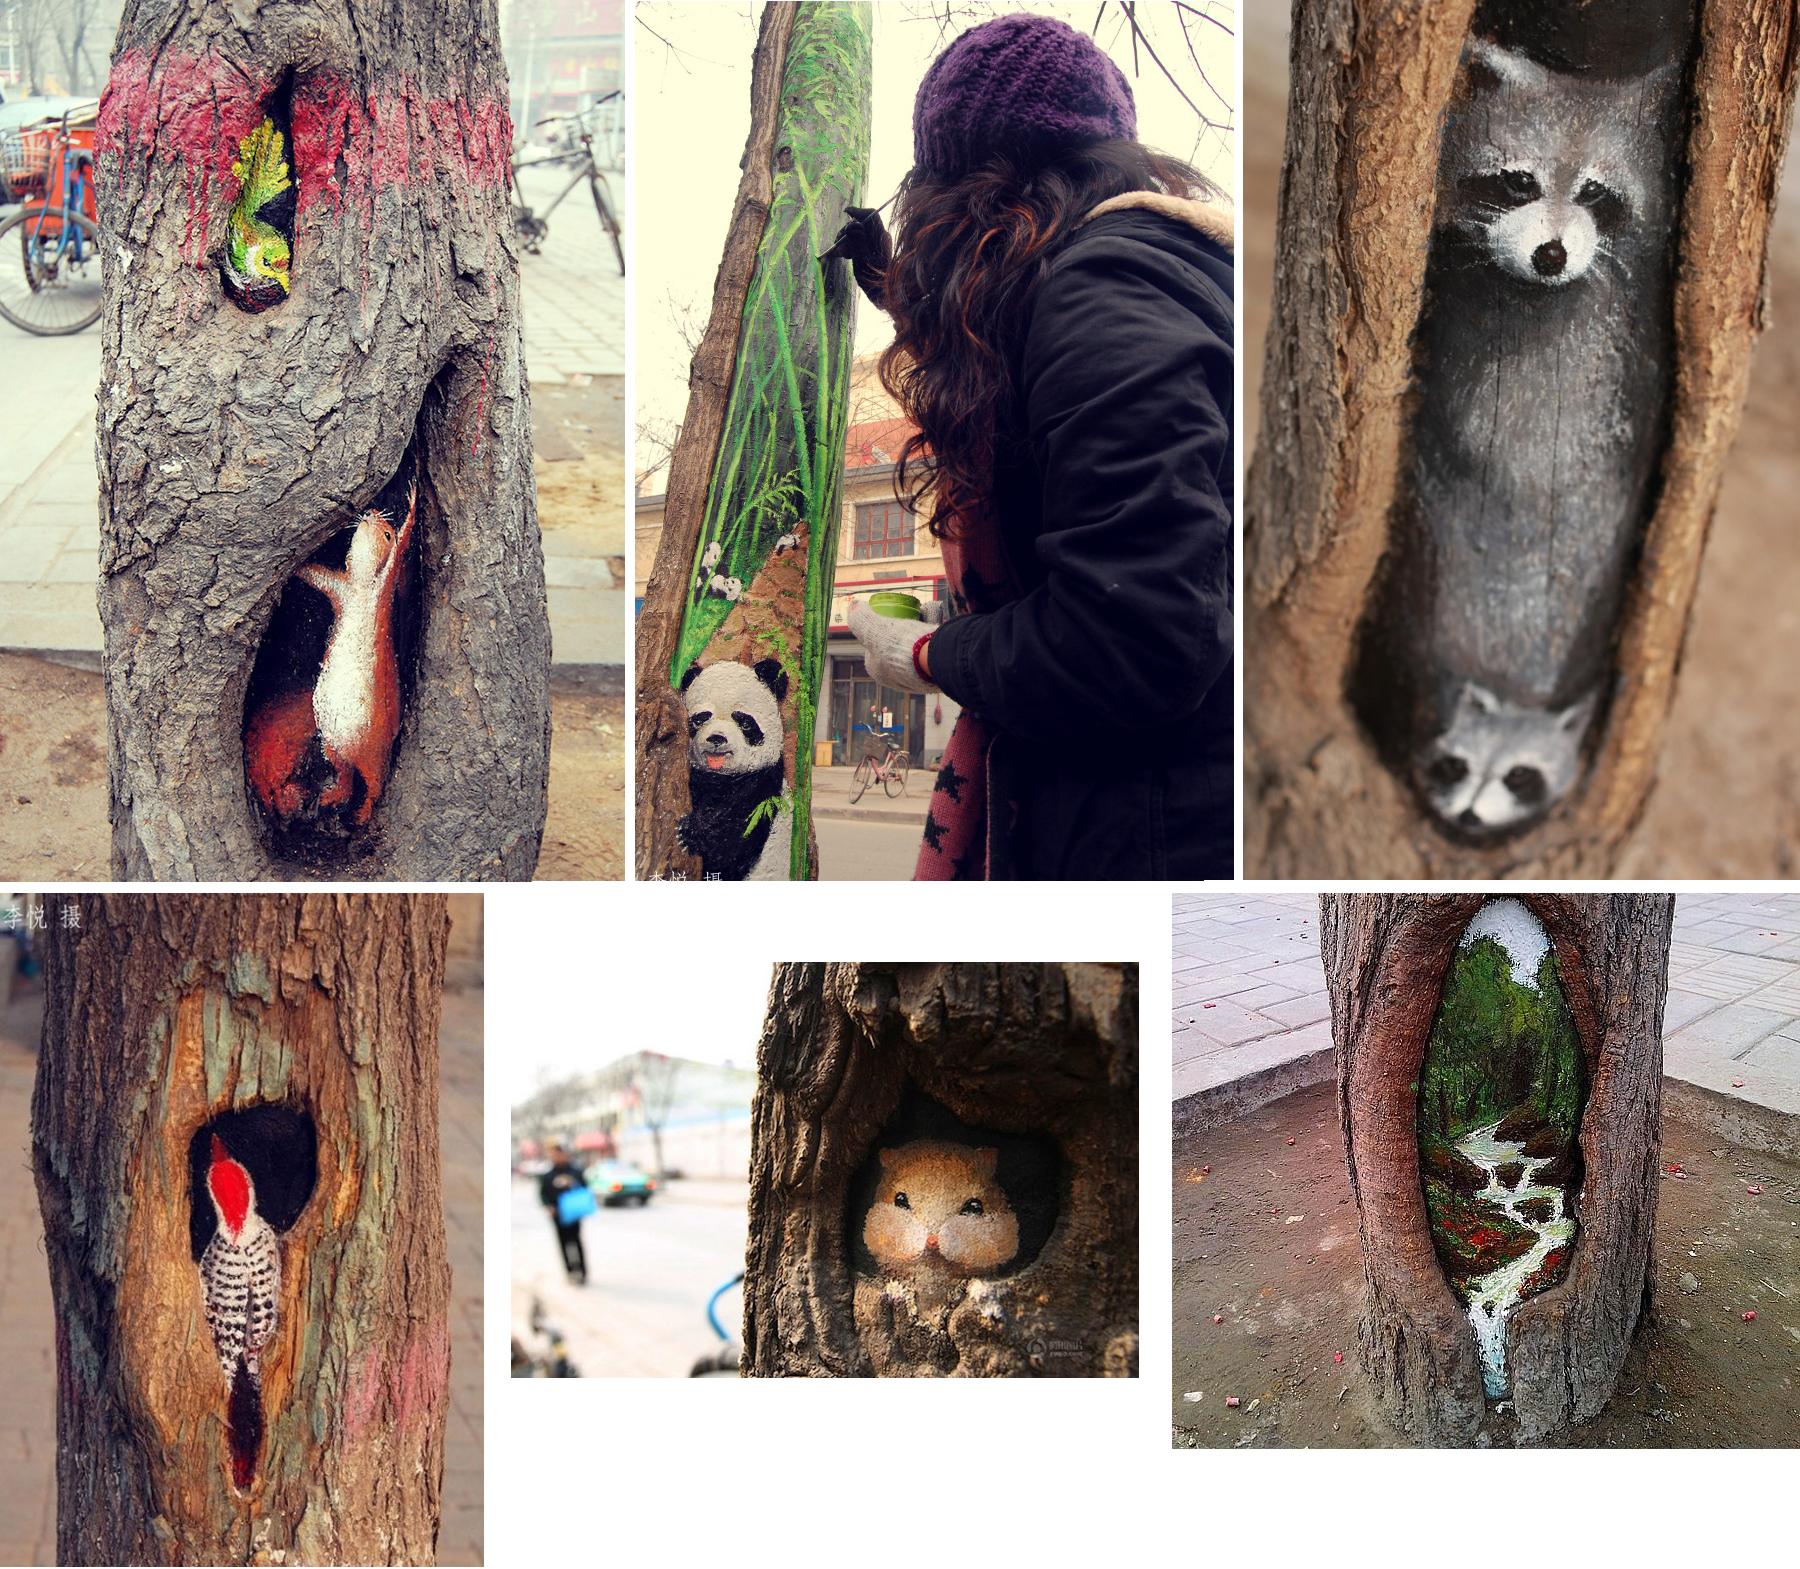 A chinesa Wang Yue é uma jovem artista de 23 anos que pinta as árvores de sua cidade,Shijiazhuang, numa tentativa de embelezar  as ruas com cores e imagens da natureza, os quais são seus recorrentes temas.